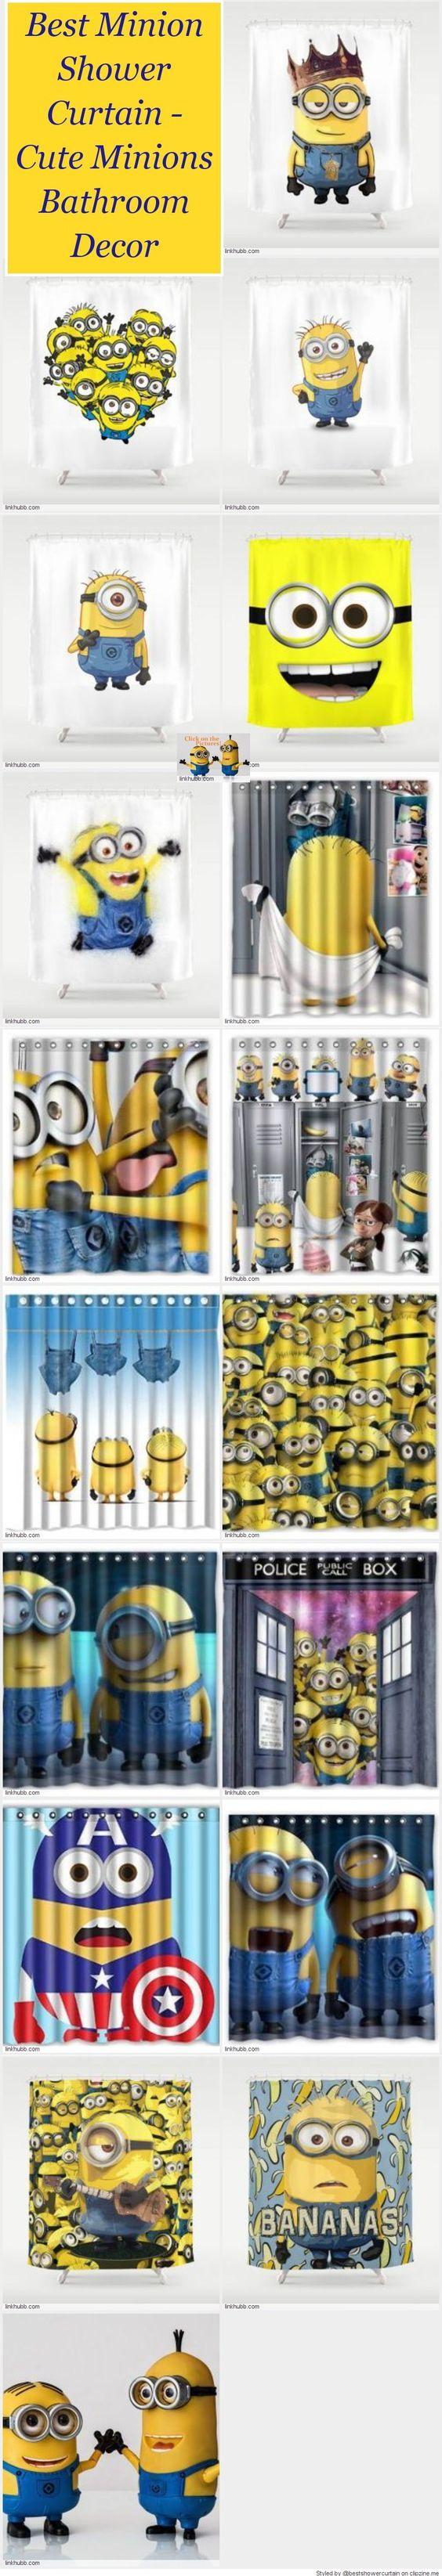 Best Minion Shower Curtain